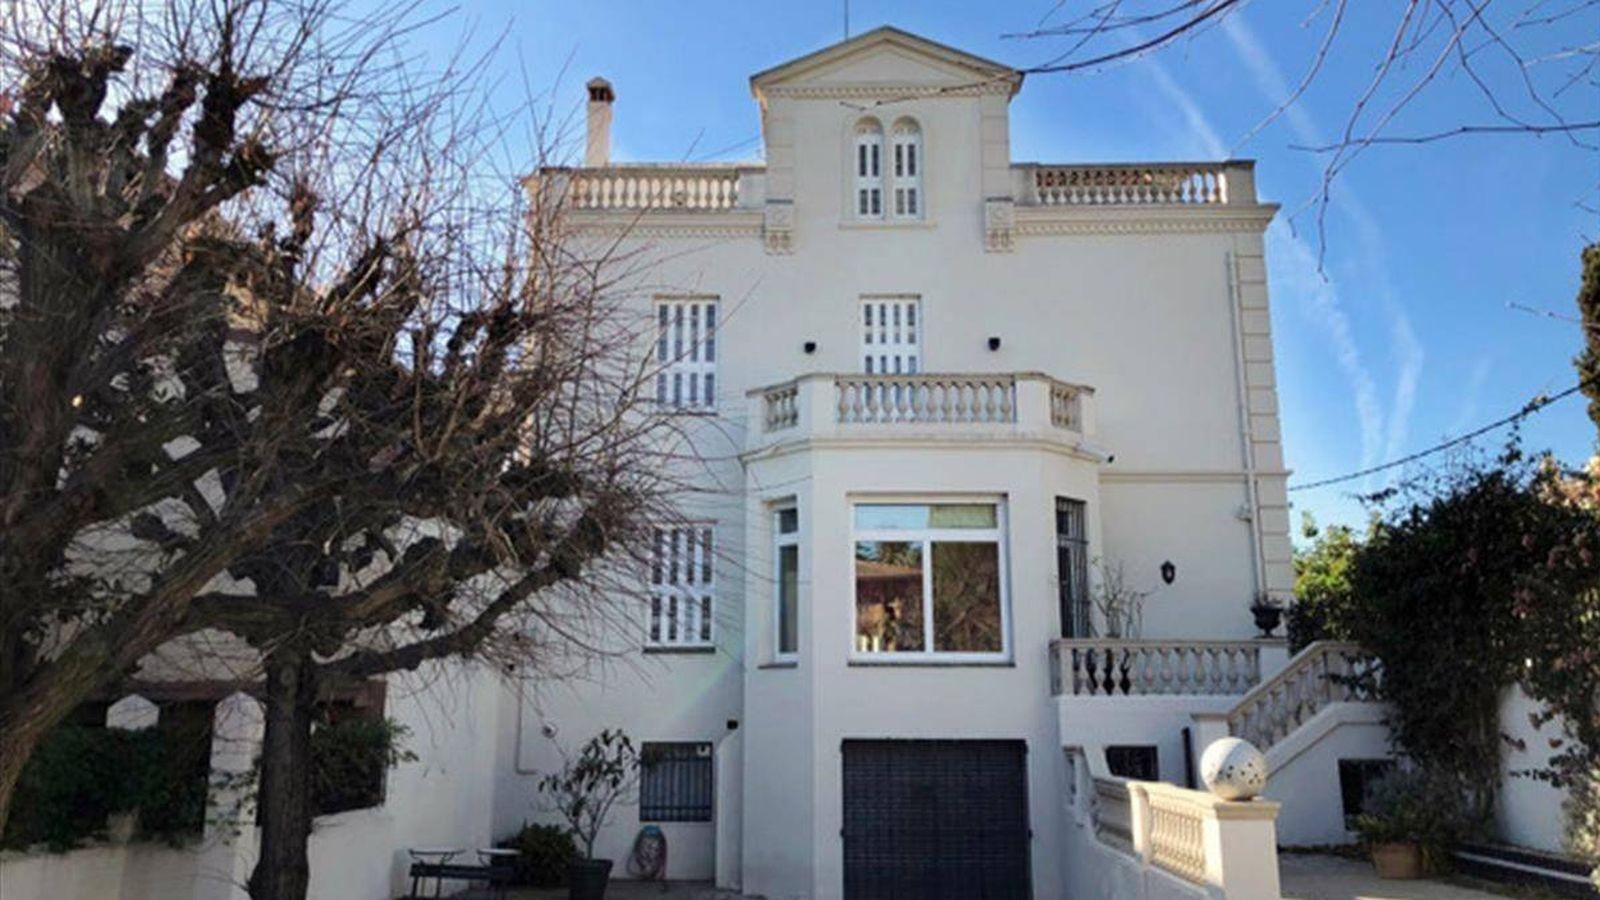 Foto: La agencia inmobiliaria Luxury Font vende la casa de Johan Cruyff en Barcelona.